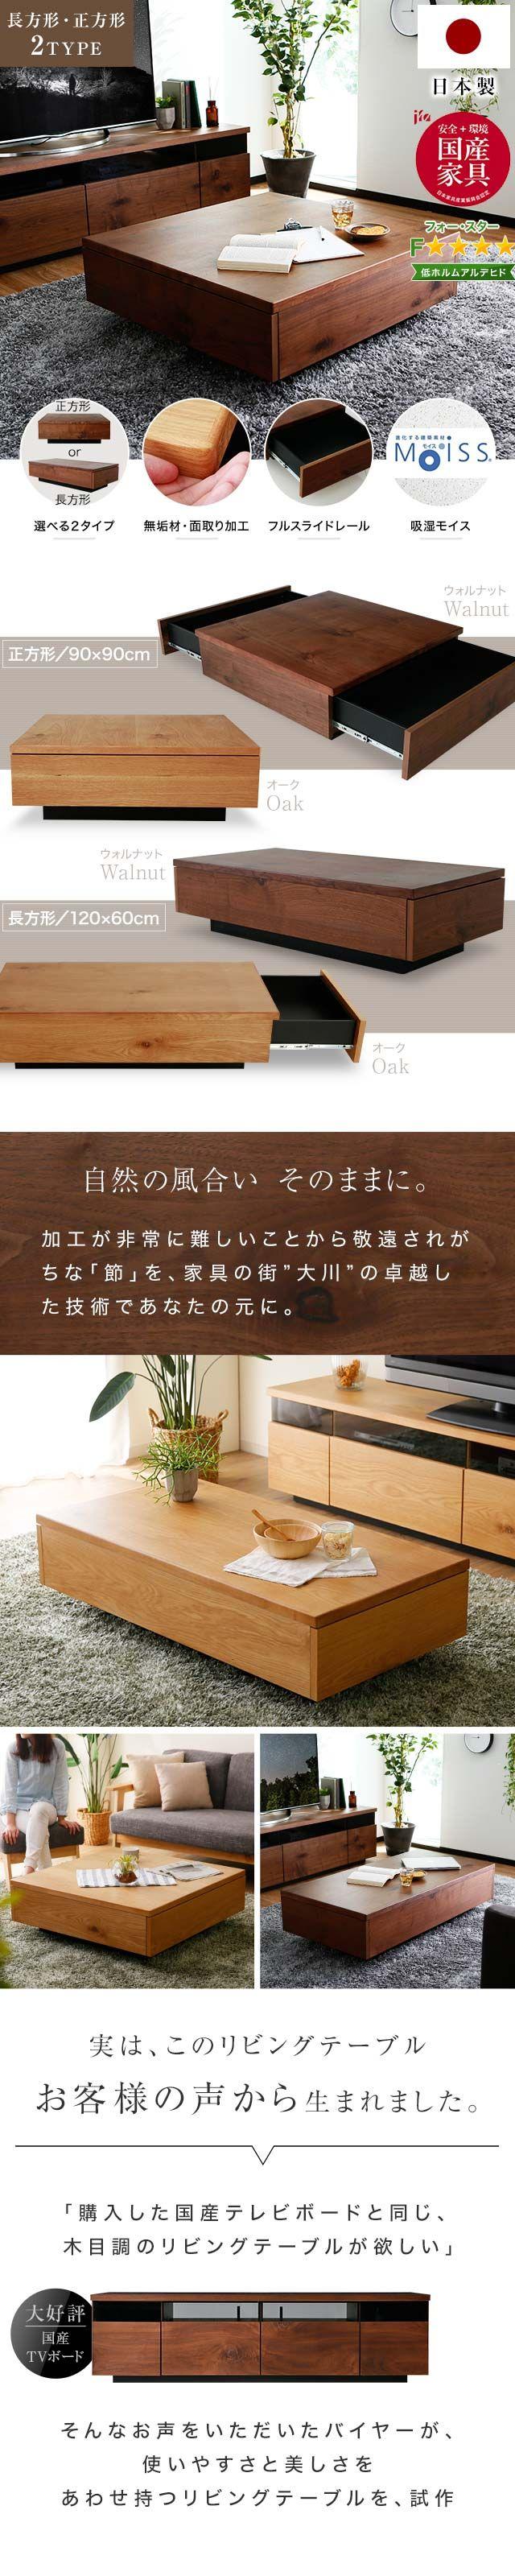 センターテーブル 完成品 国産 日本製 突板 長方形 正方形。センターテーブル 日本製 長方形 正方形 ローテーブル センター テーブル 突板 国産 完成品 リビング リビングテーブル 木目調 収納 引き出し 【送料無料】 送料込